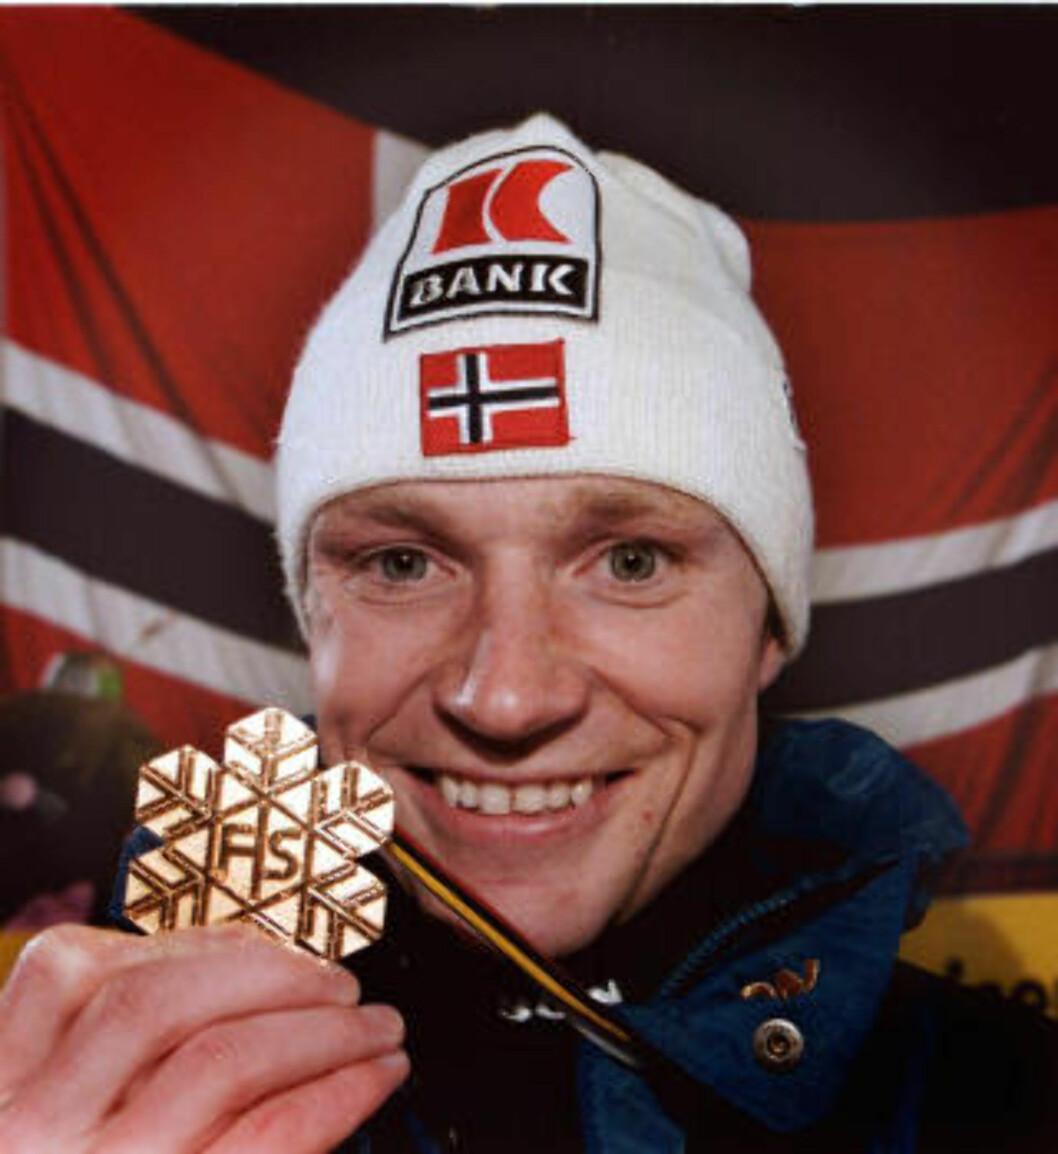 <strong>1999-VINNER:</strong> Bjarte Engen Vik med gullmedaljen fra Ramsau, da Norge sist tok et inviduelt gull i kombinert. Foto: Scanpix